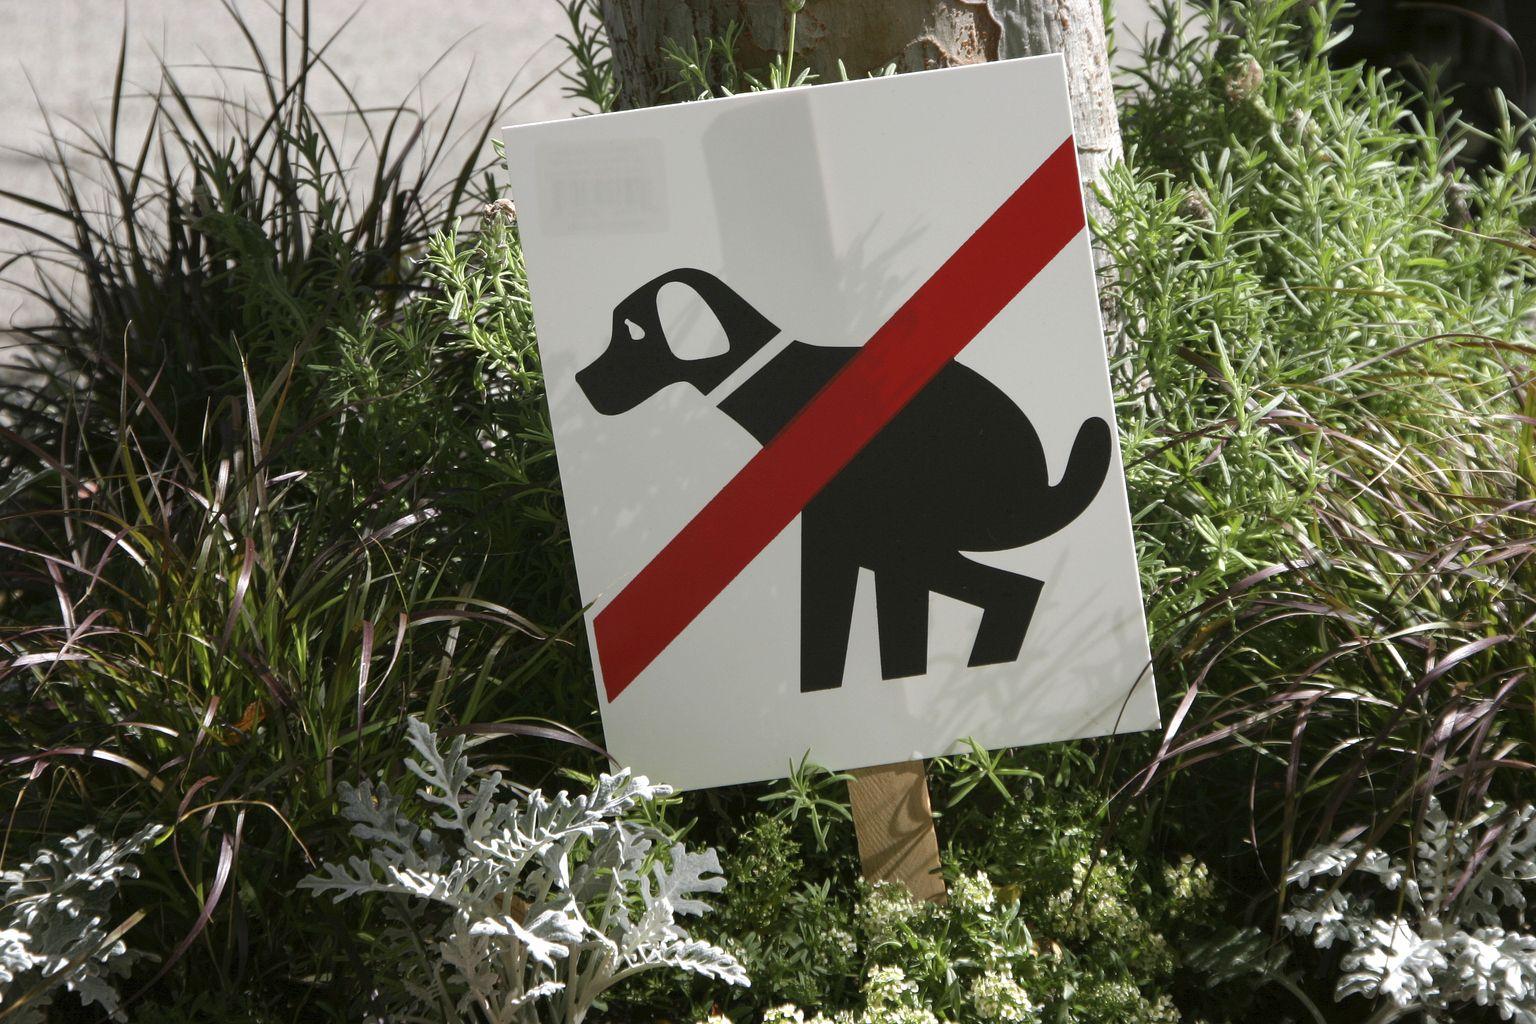 Cómo Evitar Que Los Perros Orinen Las Plantas Orina De Perro Perros Espacios Para Perros